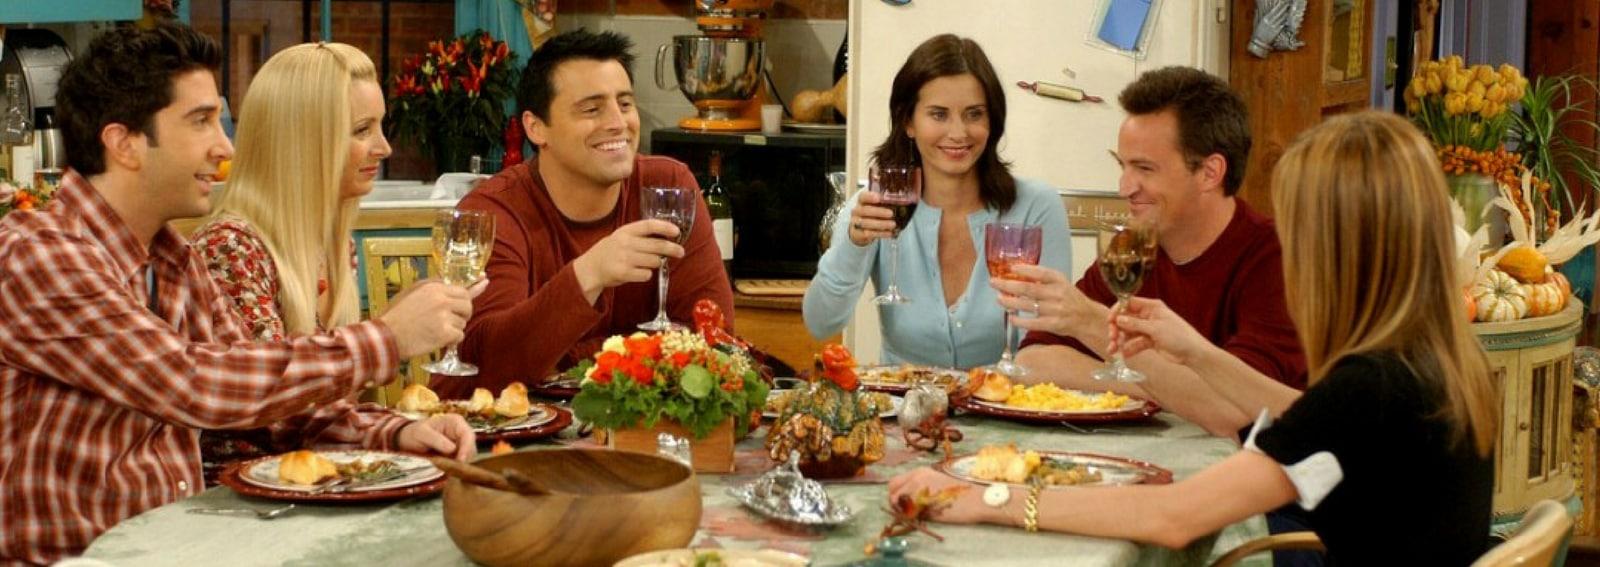 Menu Natale pranzo delle feste ricette primi secondi dolci DESK